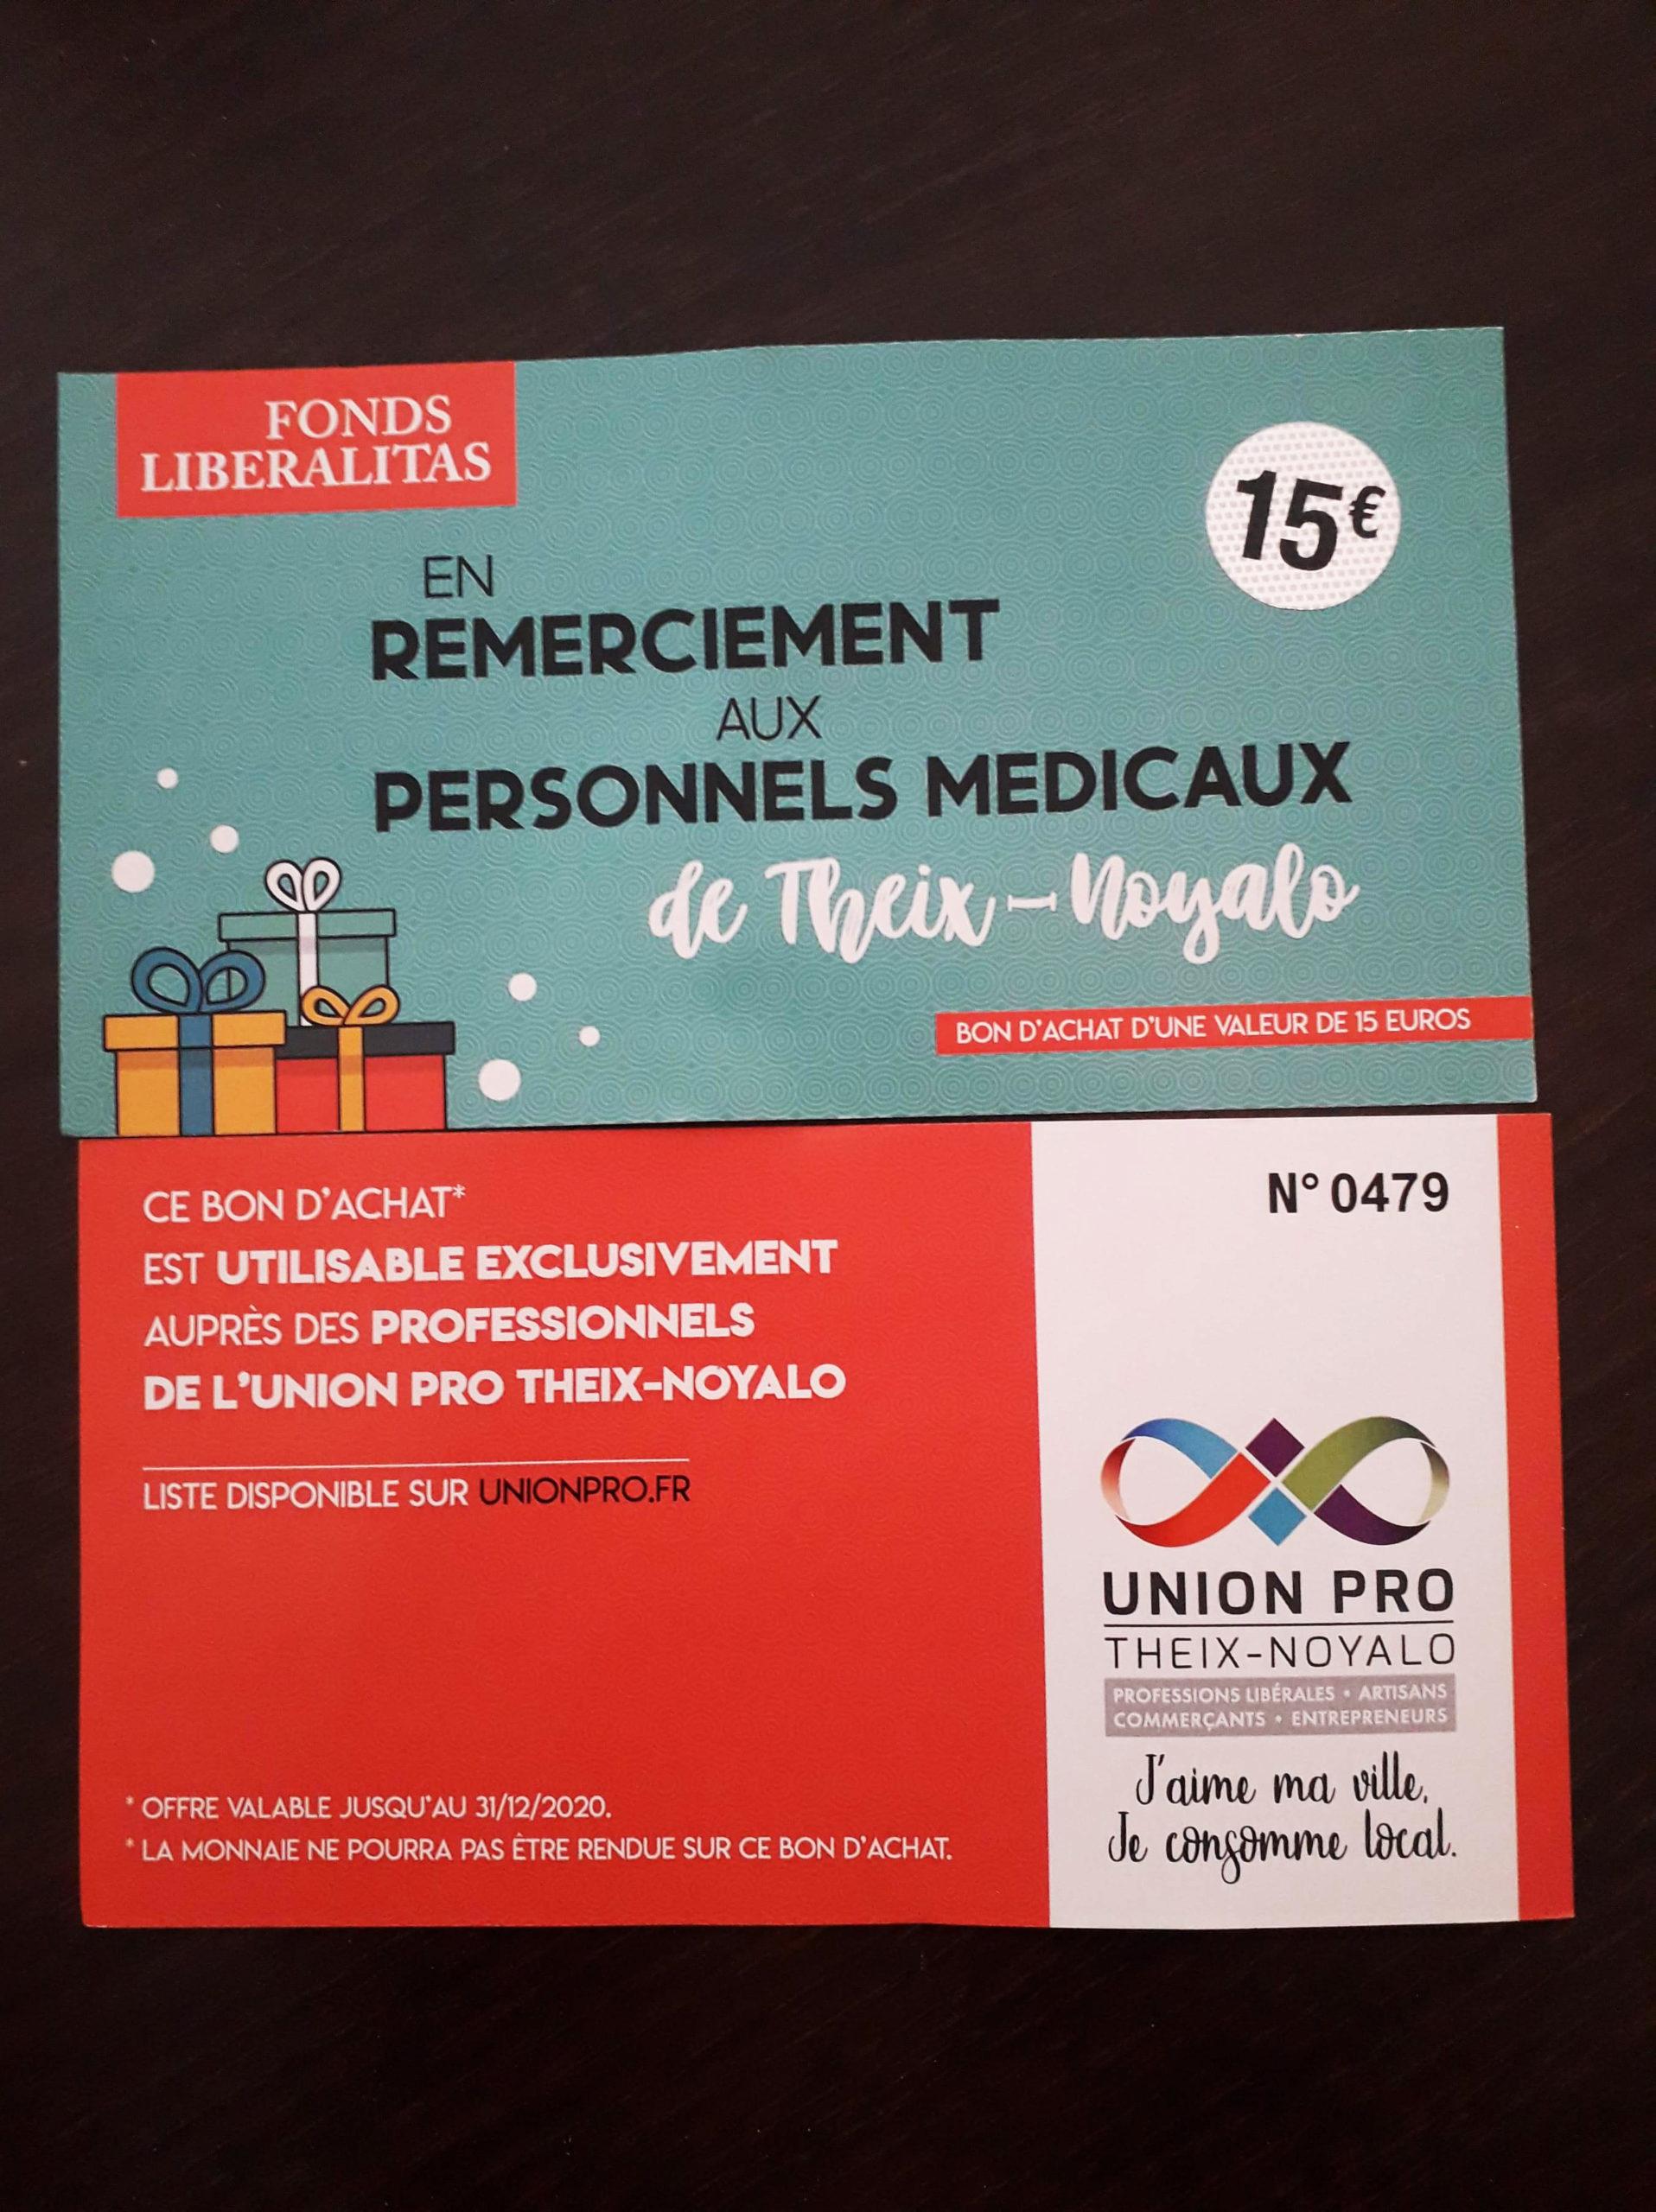 Bons d'achat Liberalitas – Remerciements aux personnels médicaux